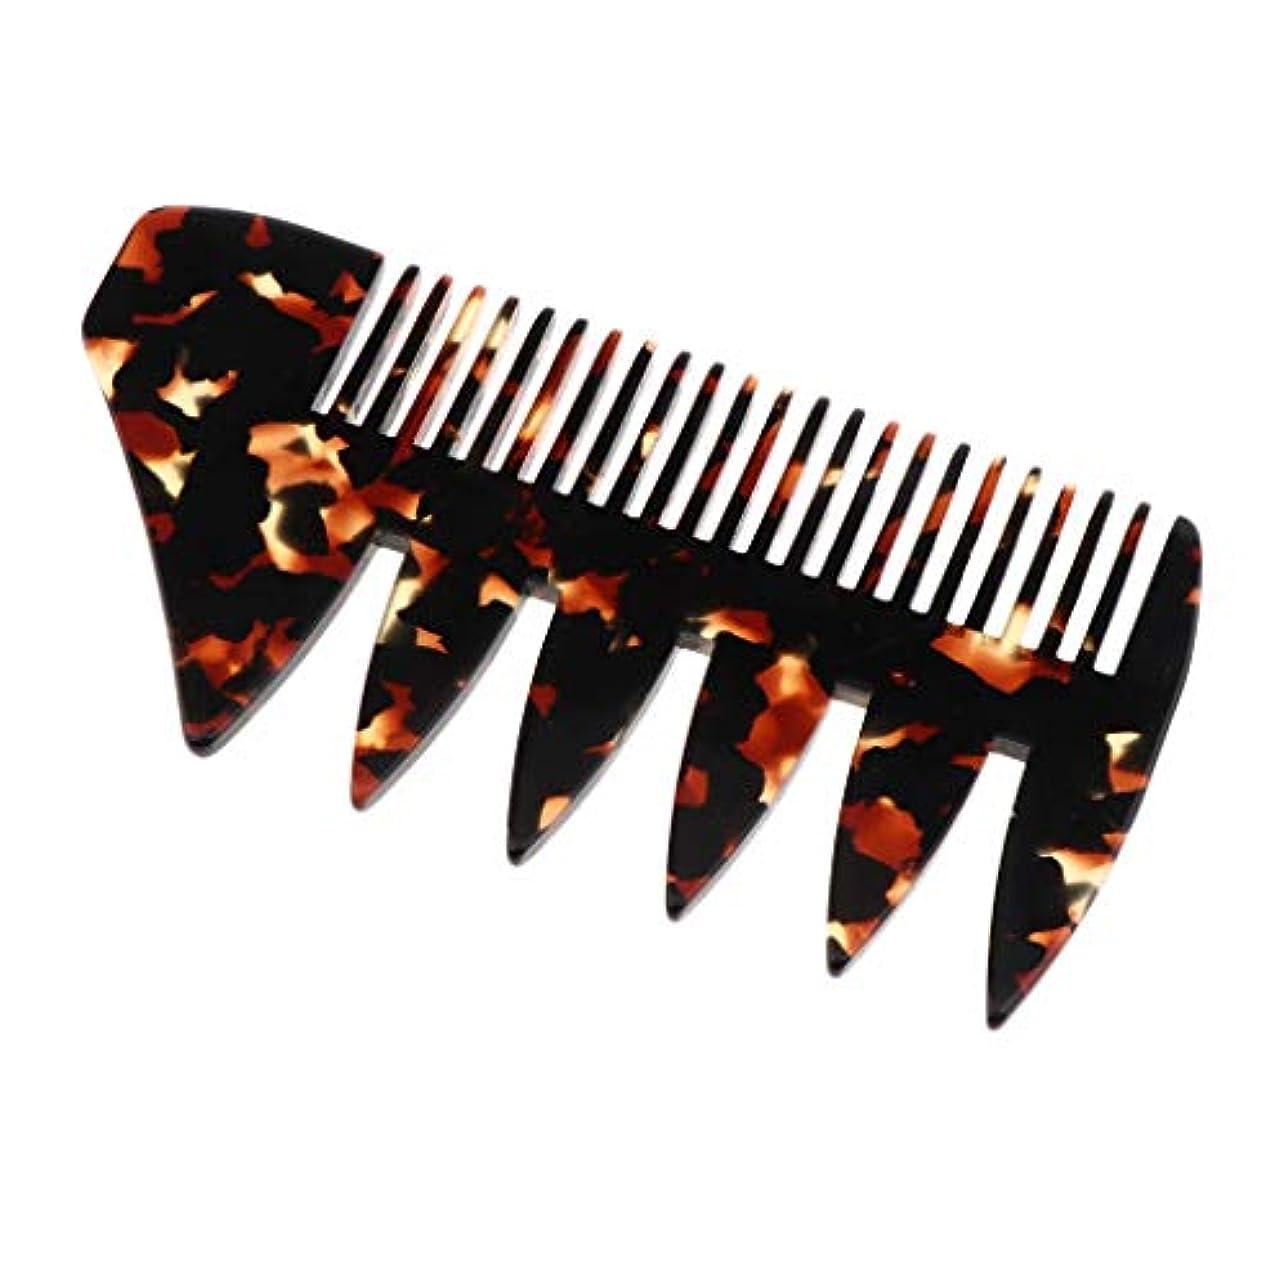 村リング異常な全4色選択 ヘアコーム ヘアブラシ 頭皮マッサージ 広い歯 木製櫛 帯電防止 - 黒